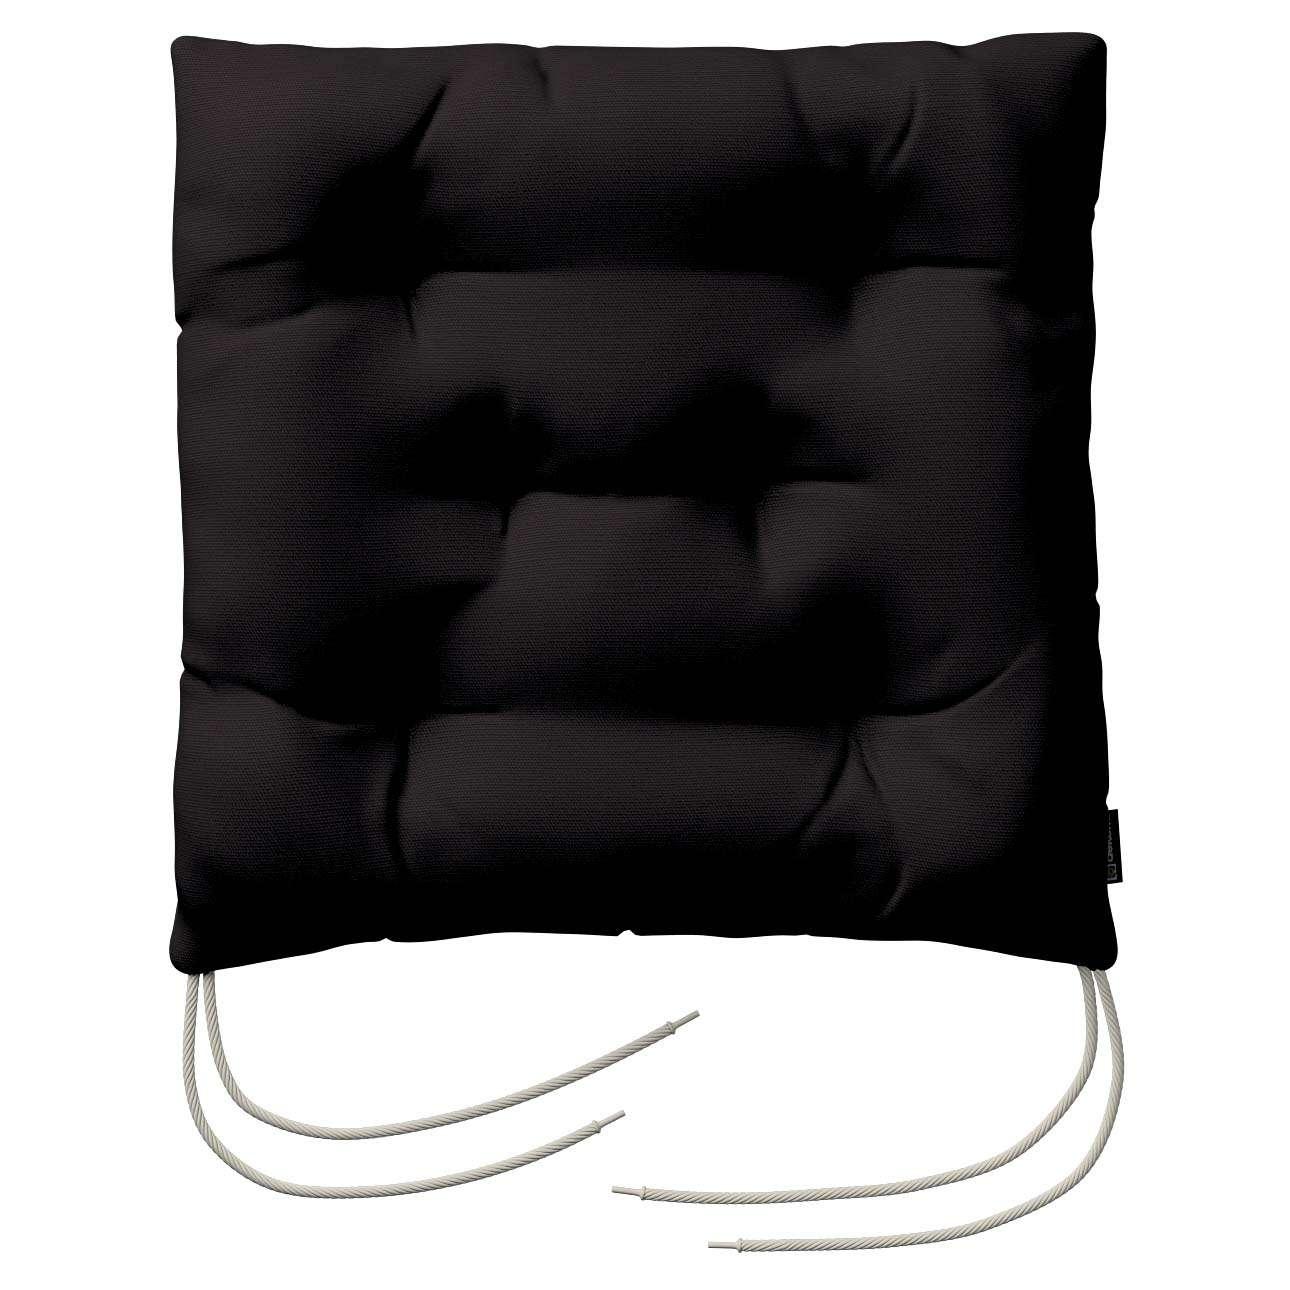 Kėdės pagalvėlė Jacek  40 x 40 x 8 cm kolekcijoje Cotton Panama, audinys: 702-09